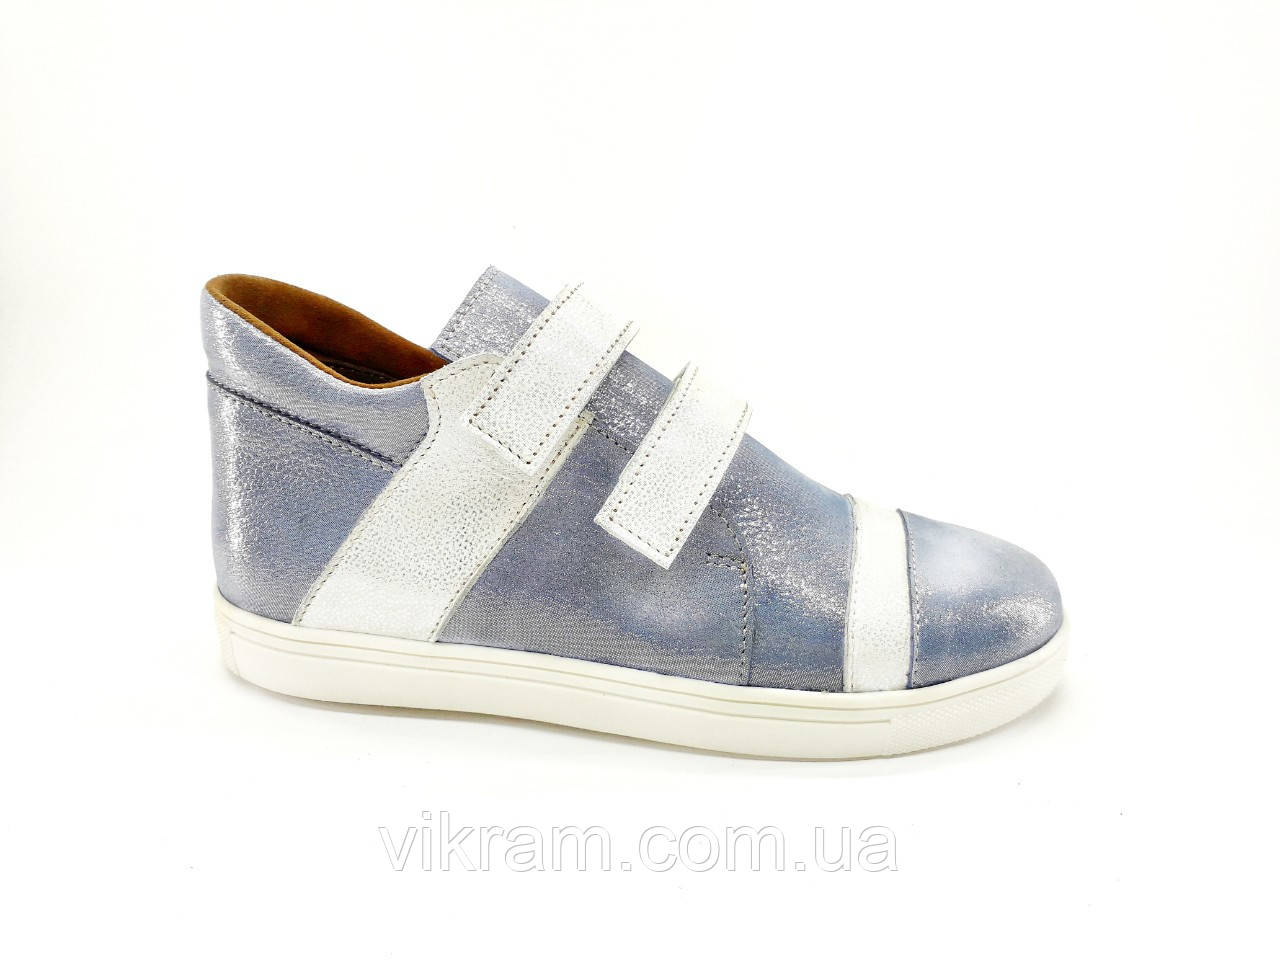 Ортопедические кроссовки для девочек VIKRAM.ORTO с 21р по 30р